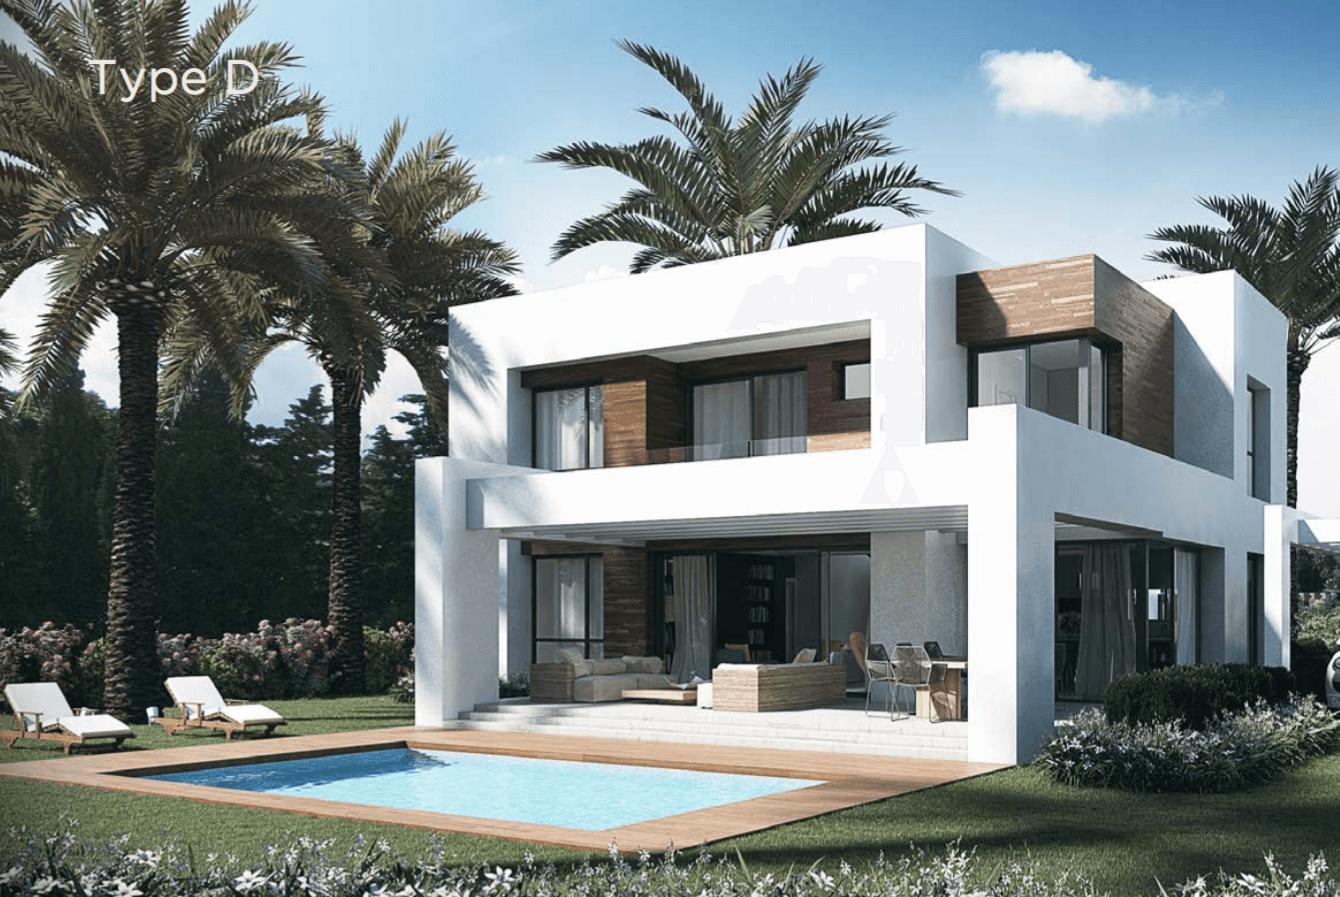 los olivos del paraiso benahavis moderne nieuwbouw villa te koop grondplan type d